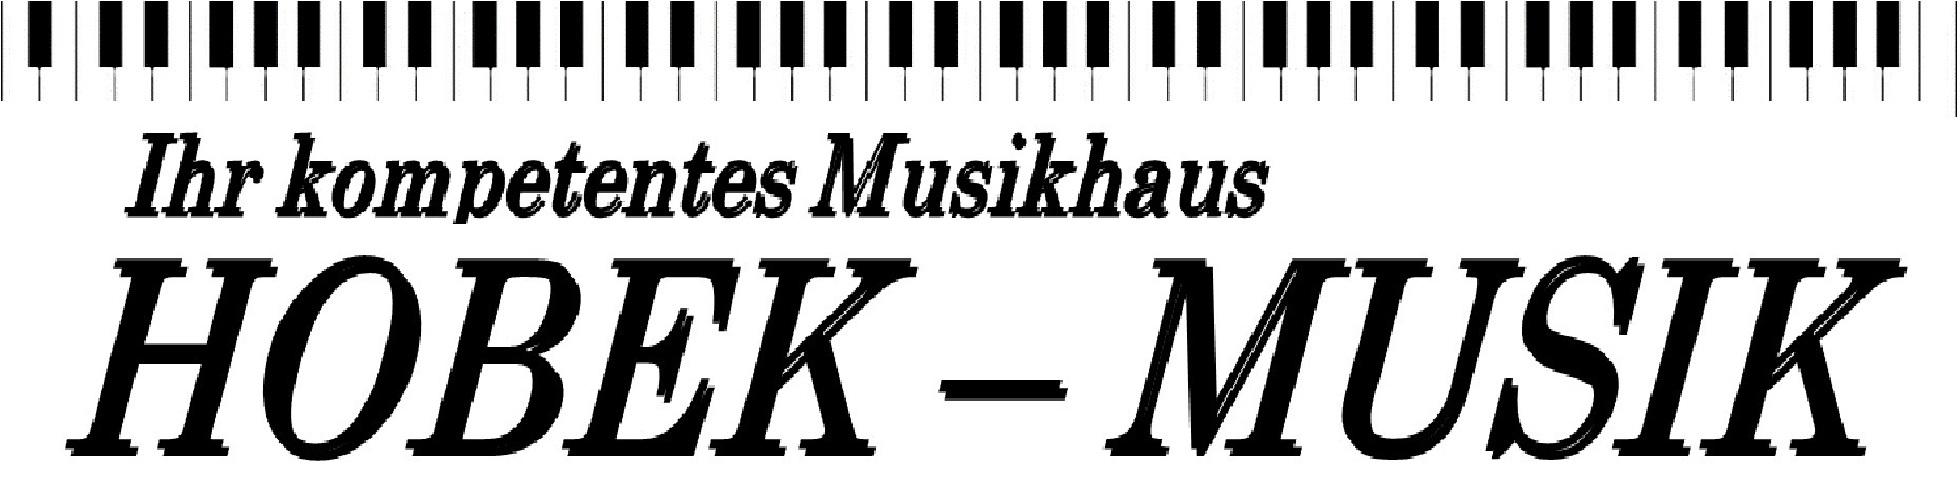 Hobek-Musik-Logo